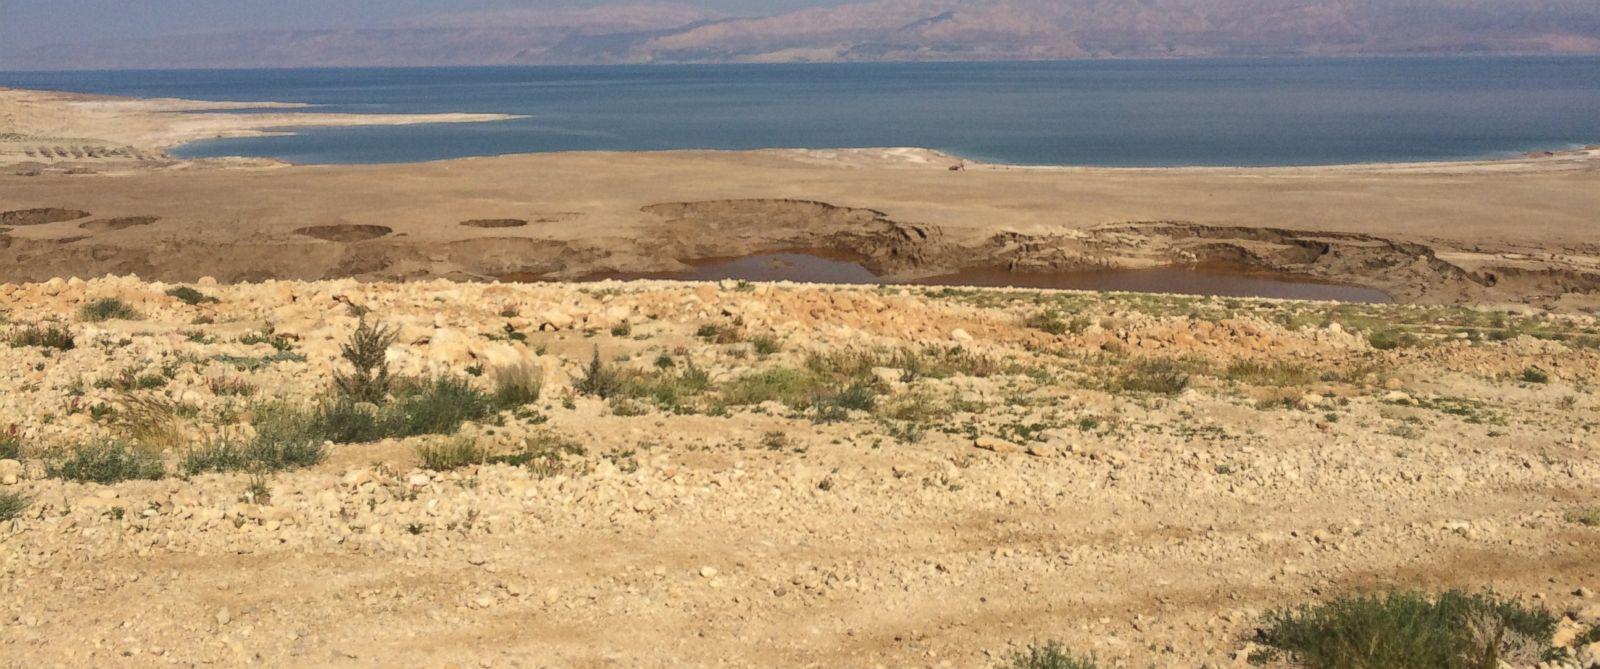 PHOTO: Sinkholes in the Dead Sea.